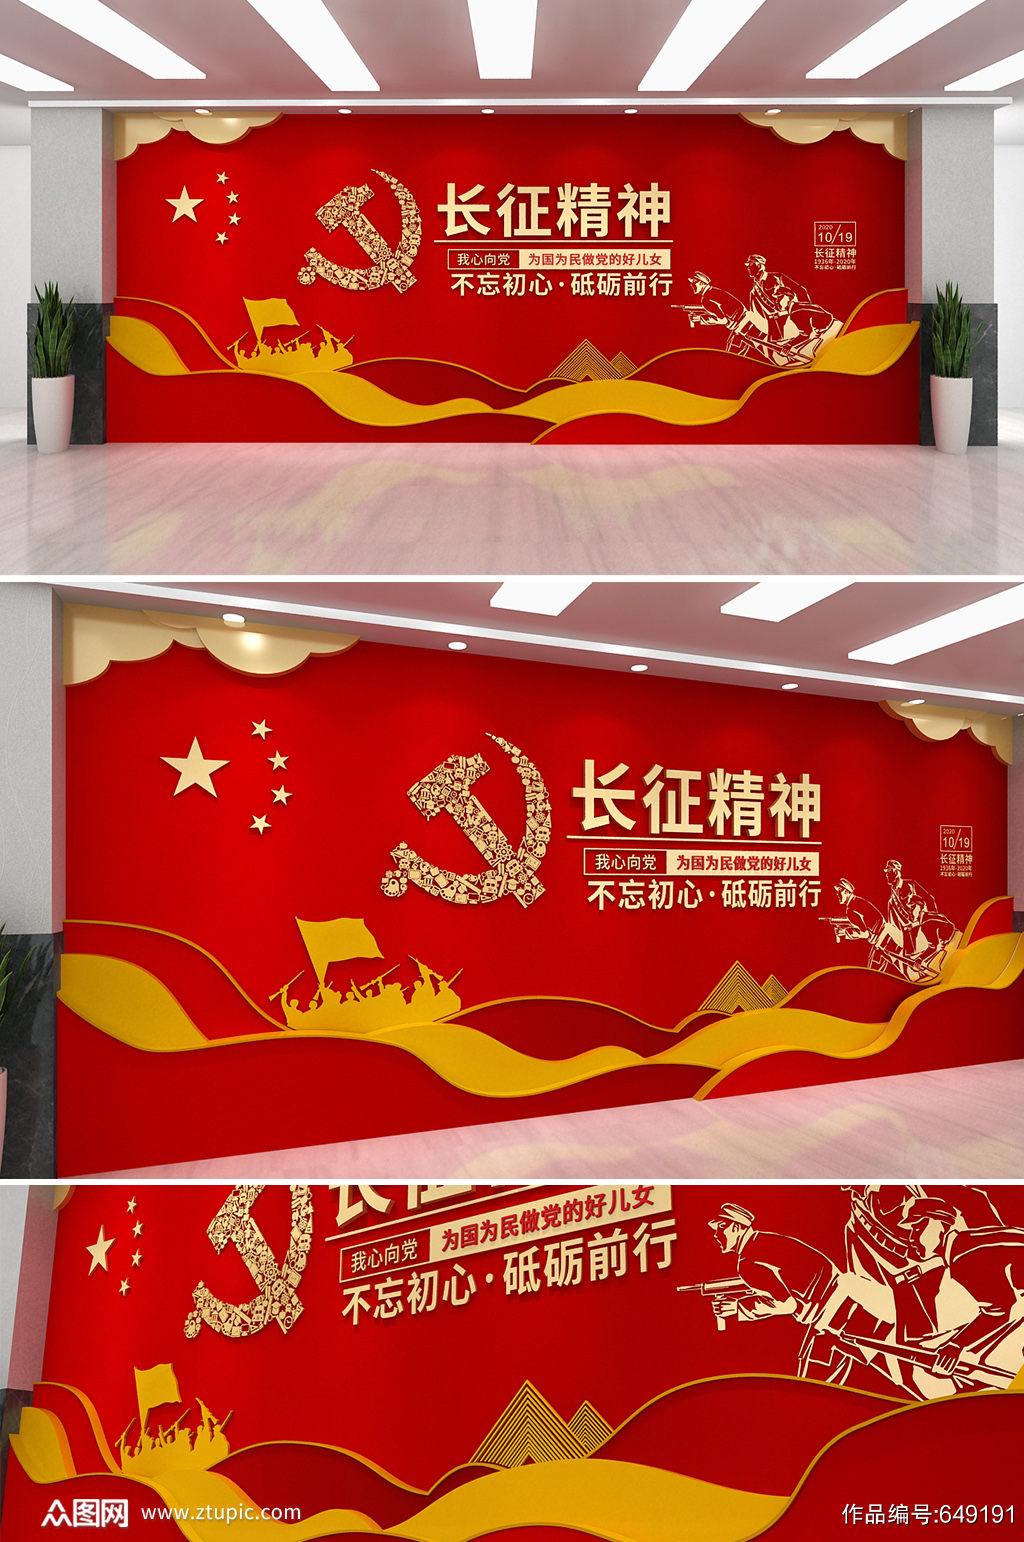 红色简约时尚长征精神党建文化墙素材